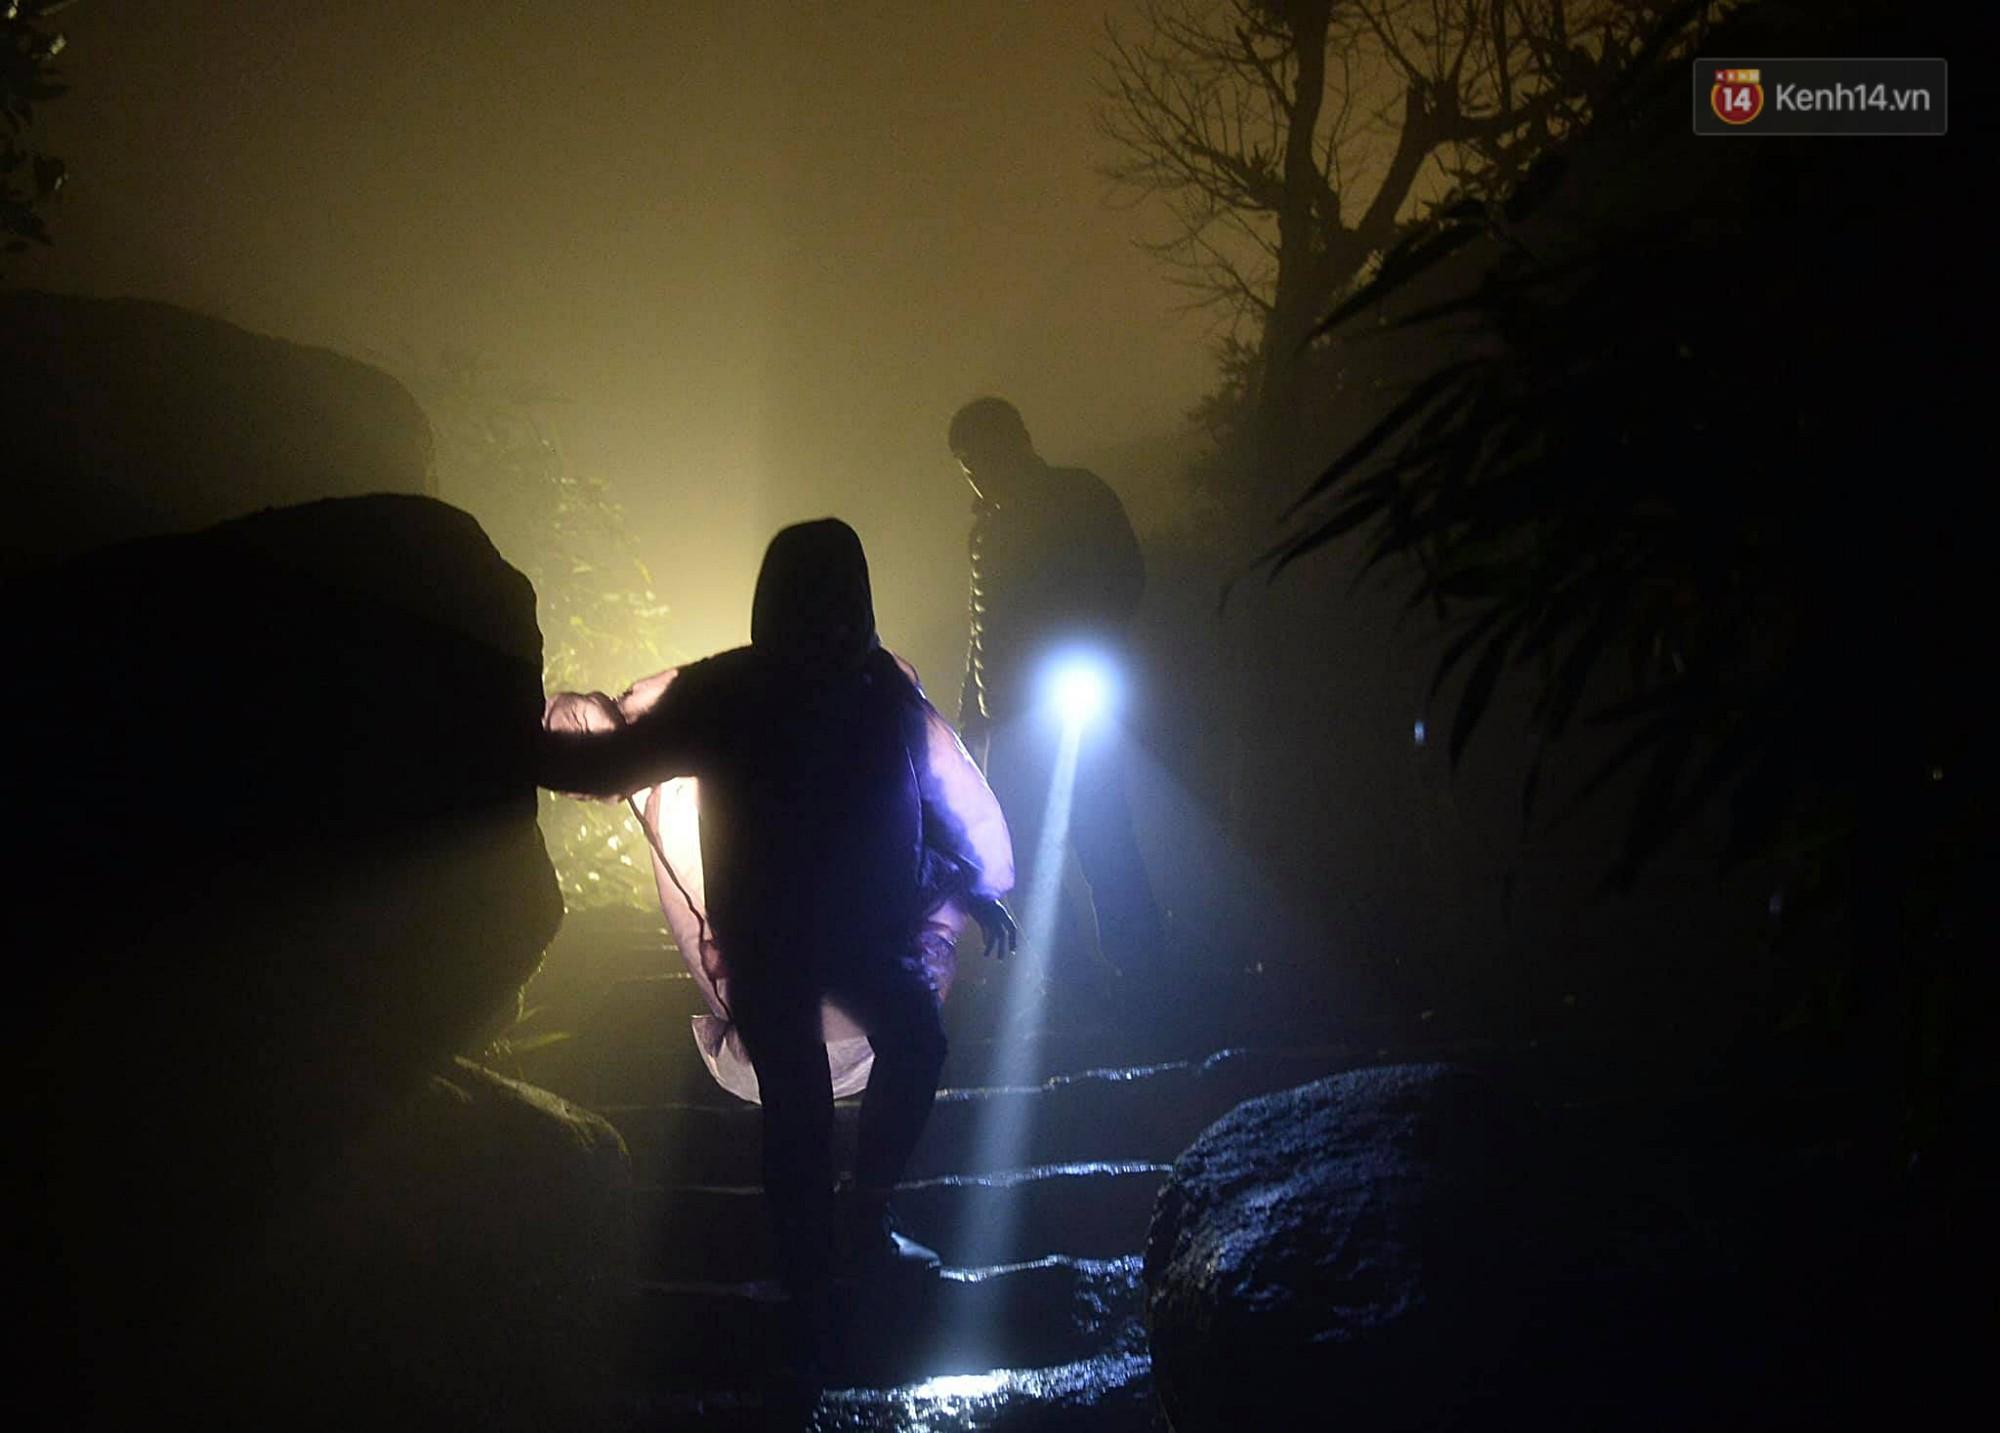 Hàng ngàn người dân đội mưa phùn trong giá rét, hành hương lên đỉnh Yên Tử trong đêm-8